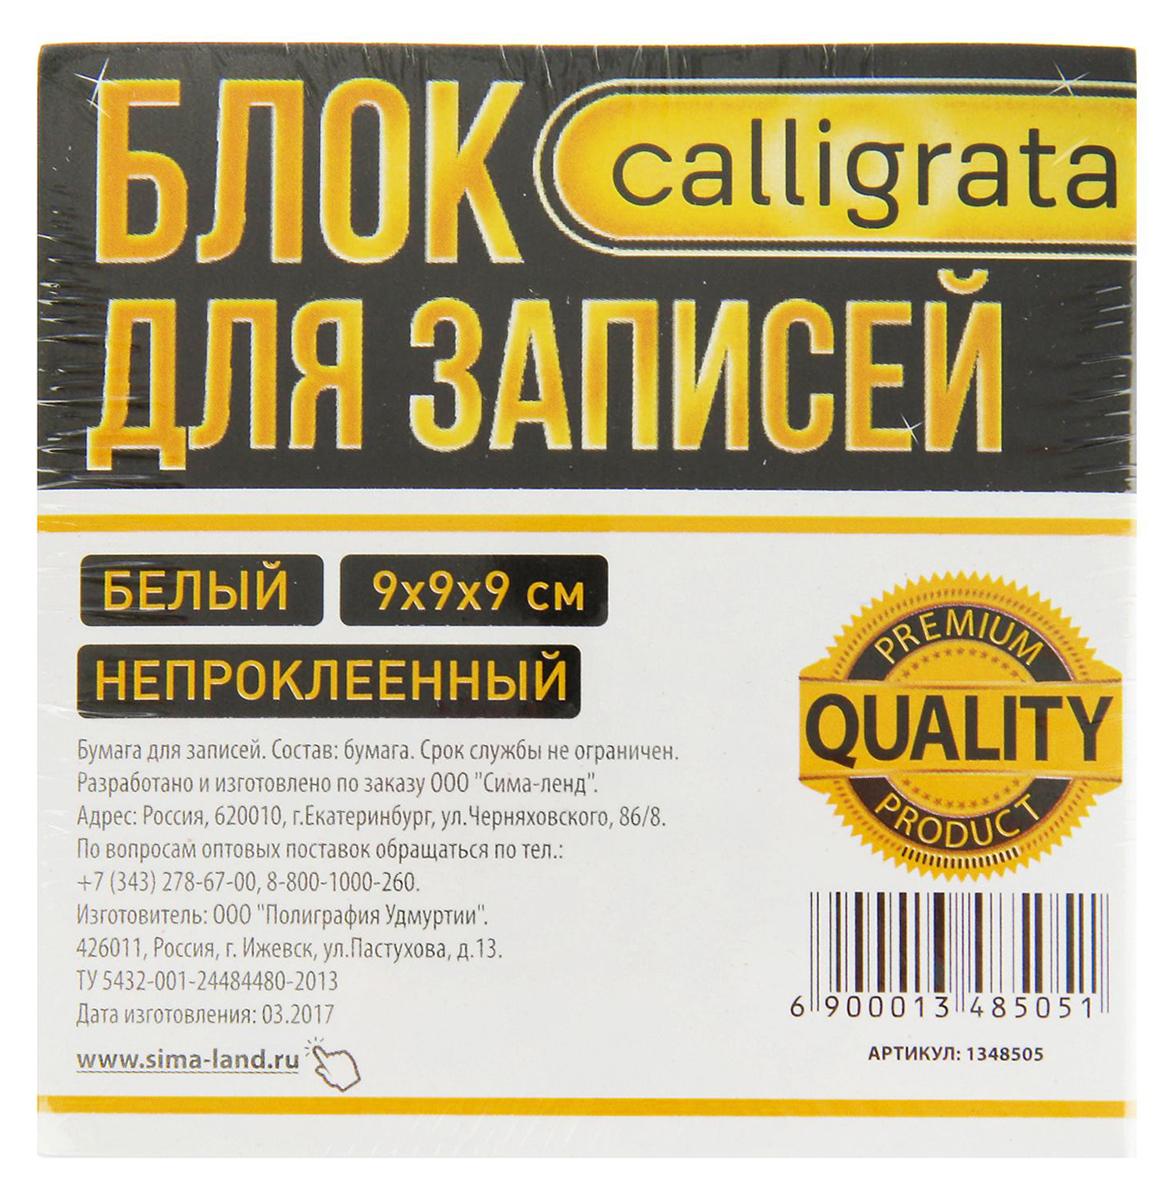 CalligrataБлок для записей 9 x 9 см 1348505 Calligrata